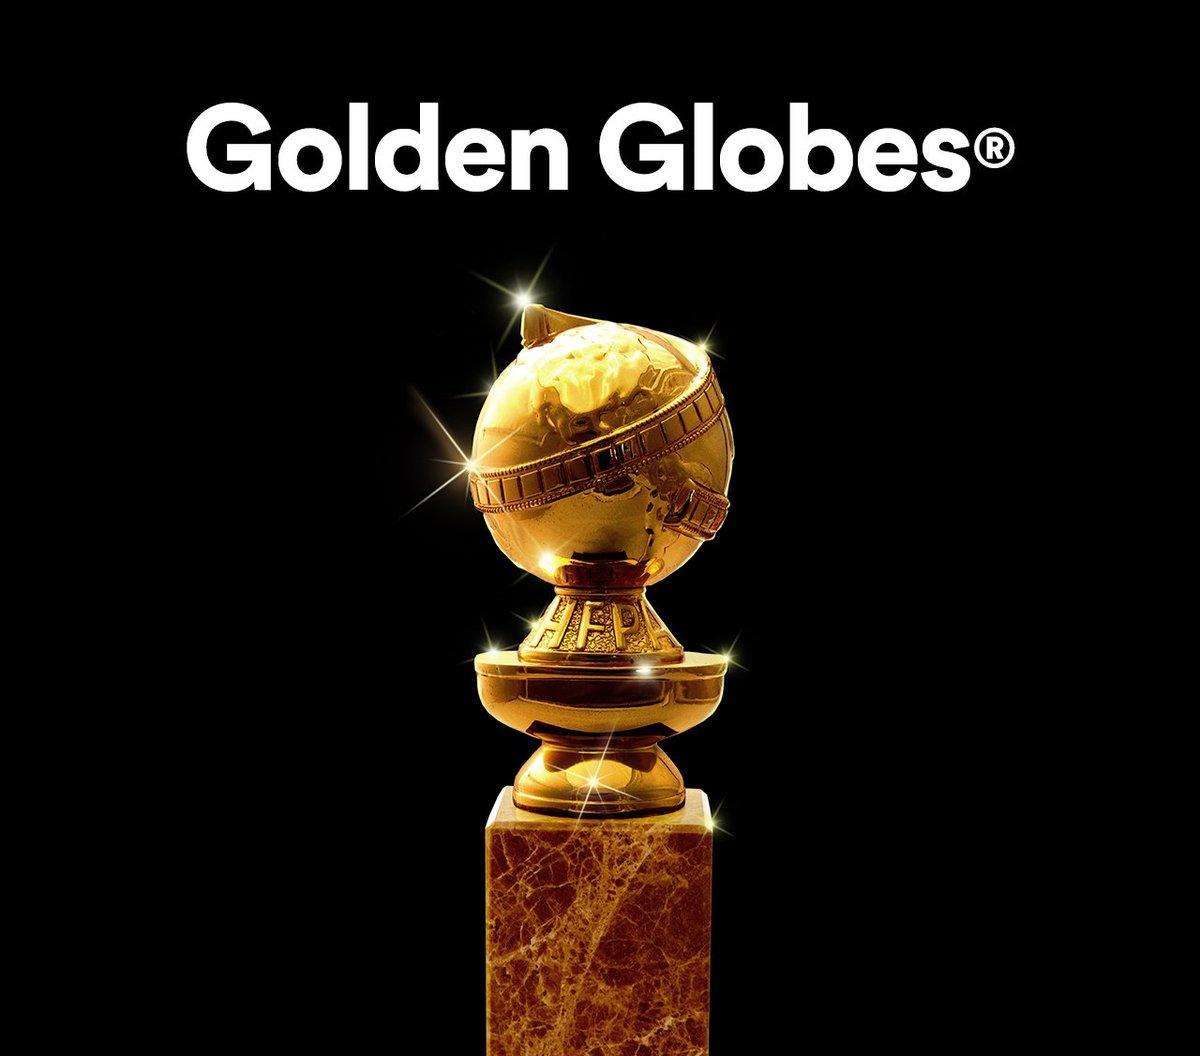 Golden Globes-Twitter